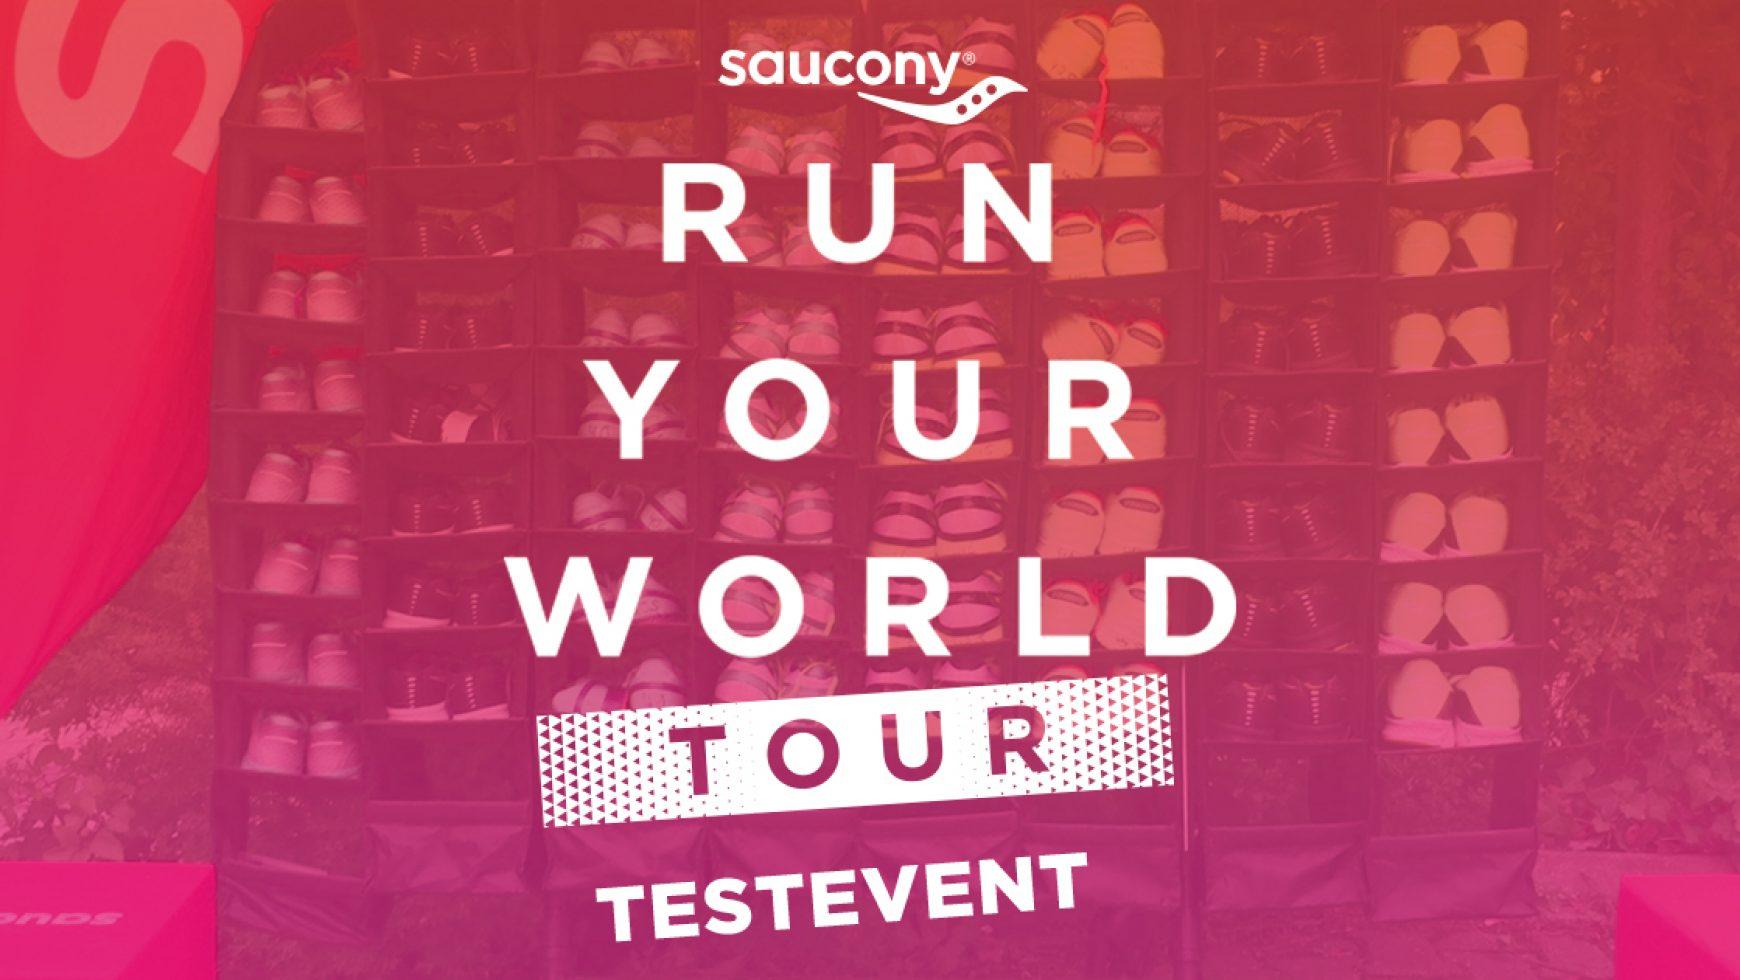 Testschuhaktion mit Saucony am 12. April